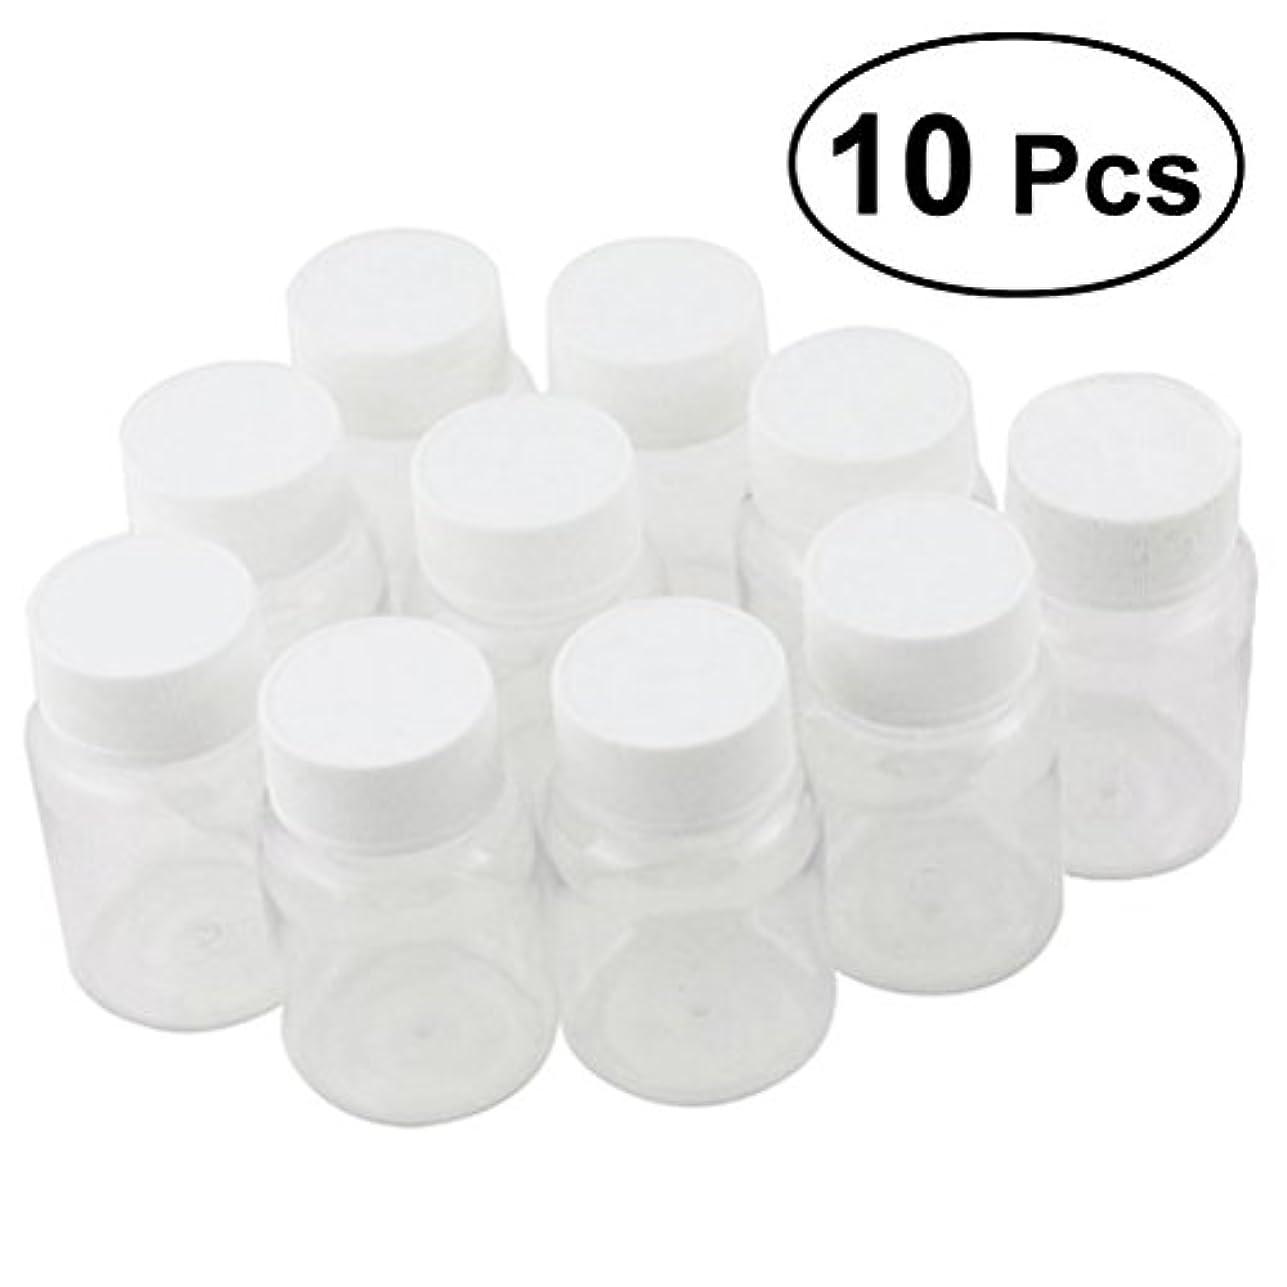 ハイランドマニア中世のULTNICE 小分けボトル 広口 クリア 詰め替え容器 薬保存 ビーズ収納 液体 10個セット